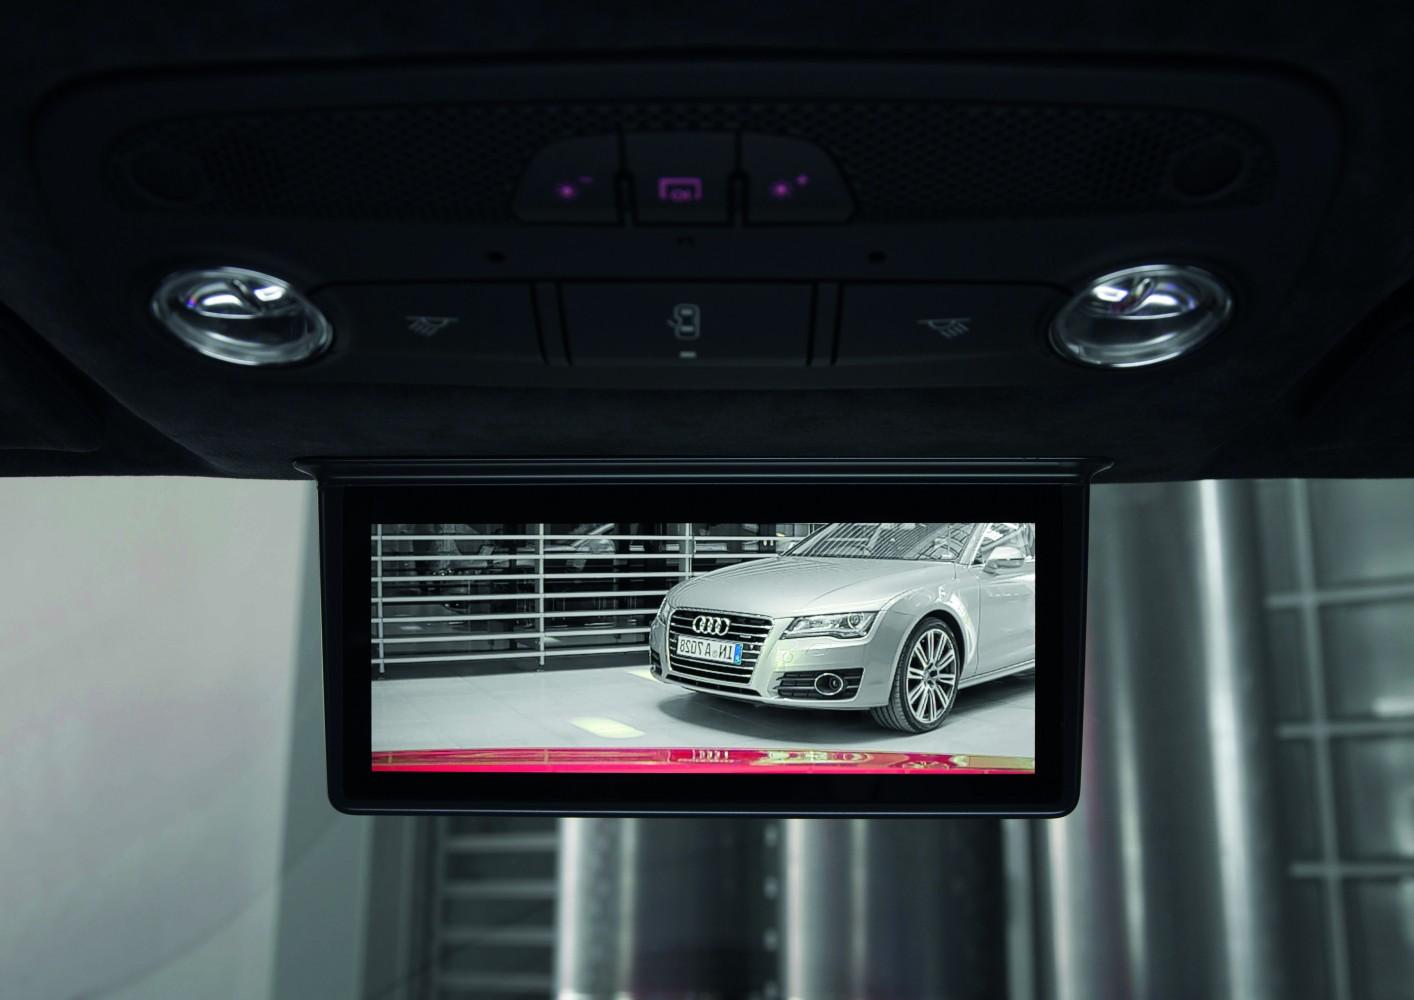 Audi R8 e-tron mit digitalem Innenspiegel